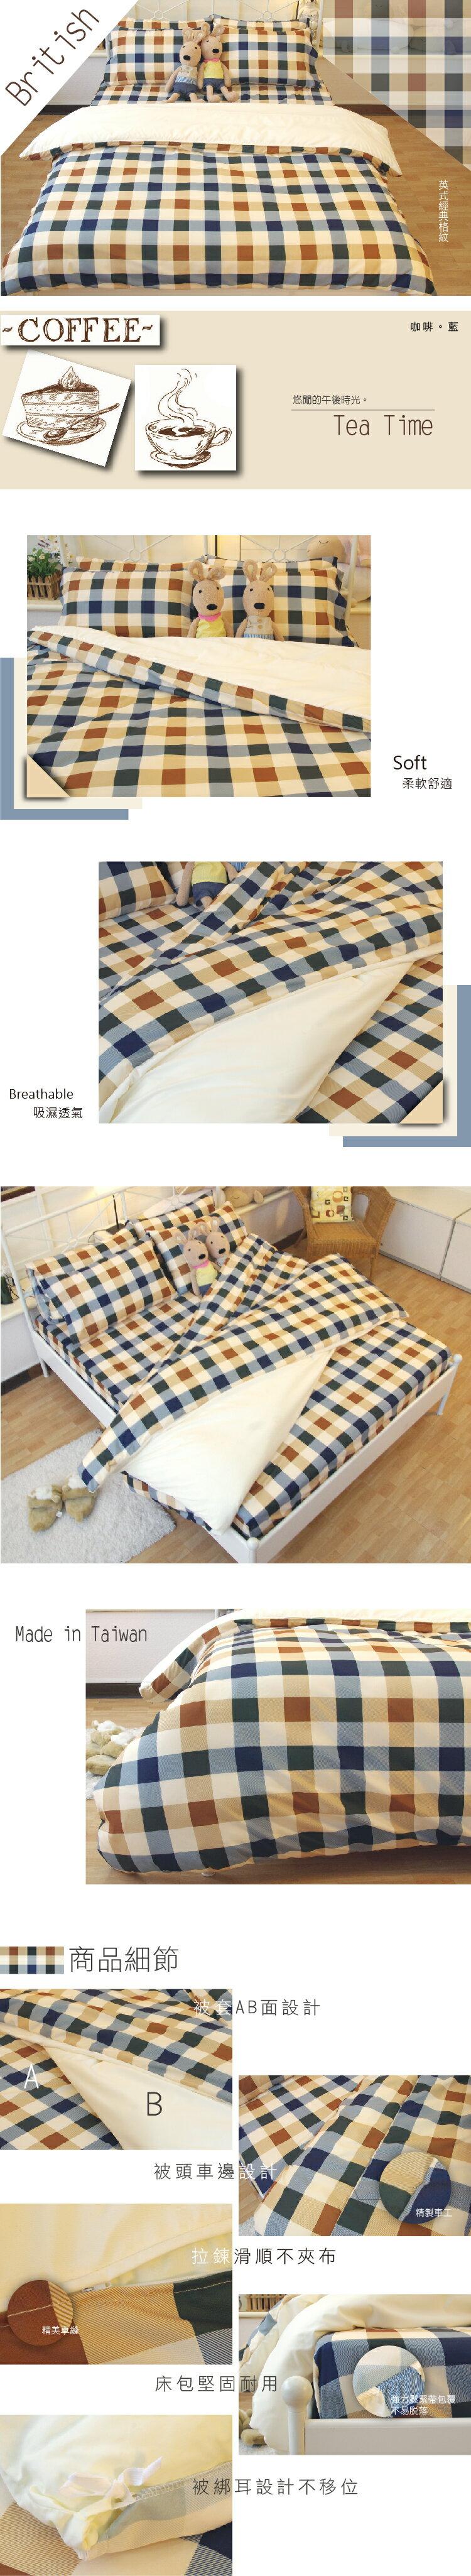 雙人床包(含枕套) 英式格紋 #咖啡藍 #豆粉藍【精典格紋、觸感升級、SGS檢驗通過】 # 寢國寢城 6